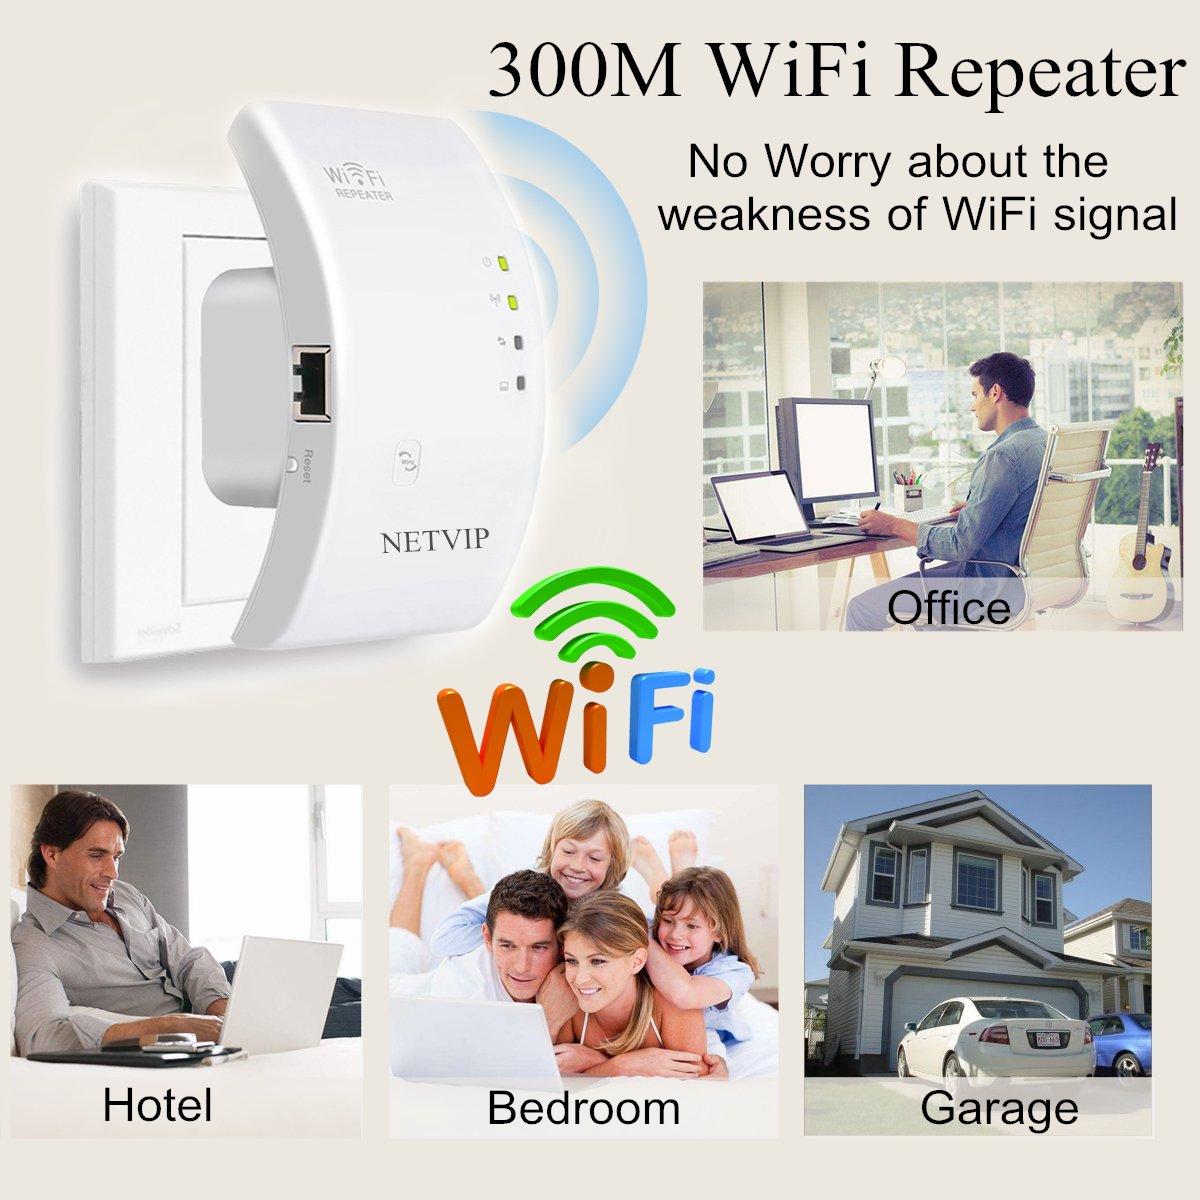 NETVIP WiFi repetidor Extensor de Red WiFi -300Mbps Mini Wireless Extensor de Rango Inalámbrico Ap Amplificador Enrutador Repetidor Booster Wireless-N ...